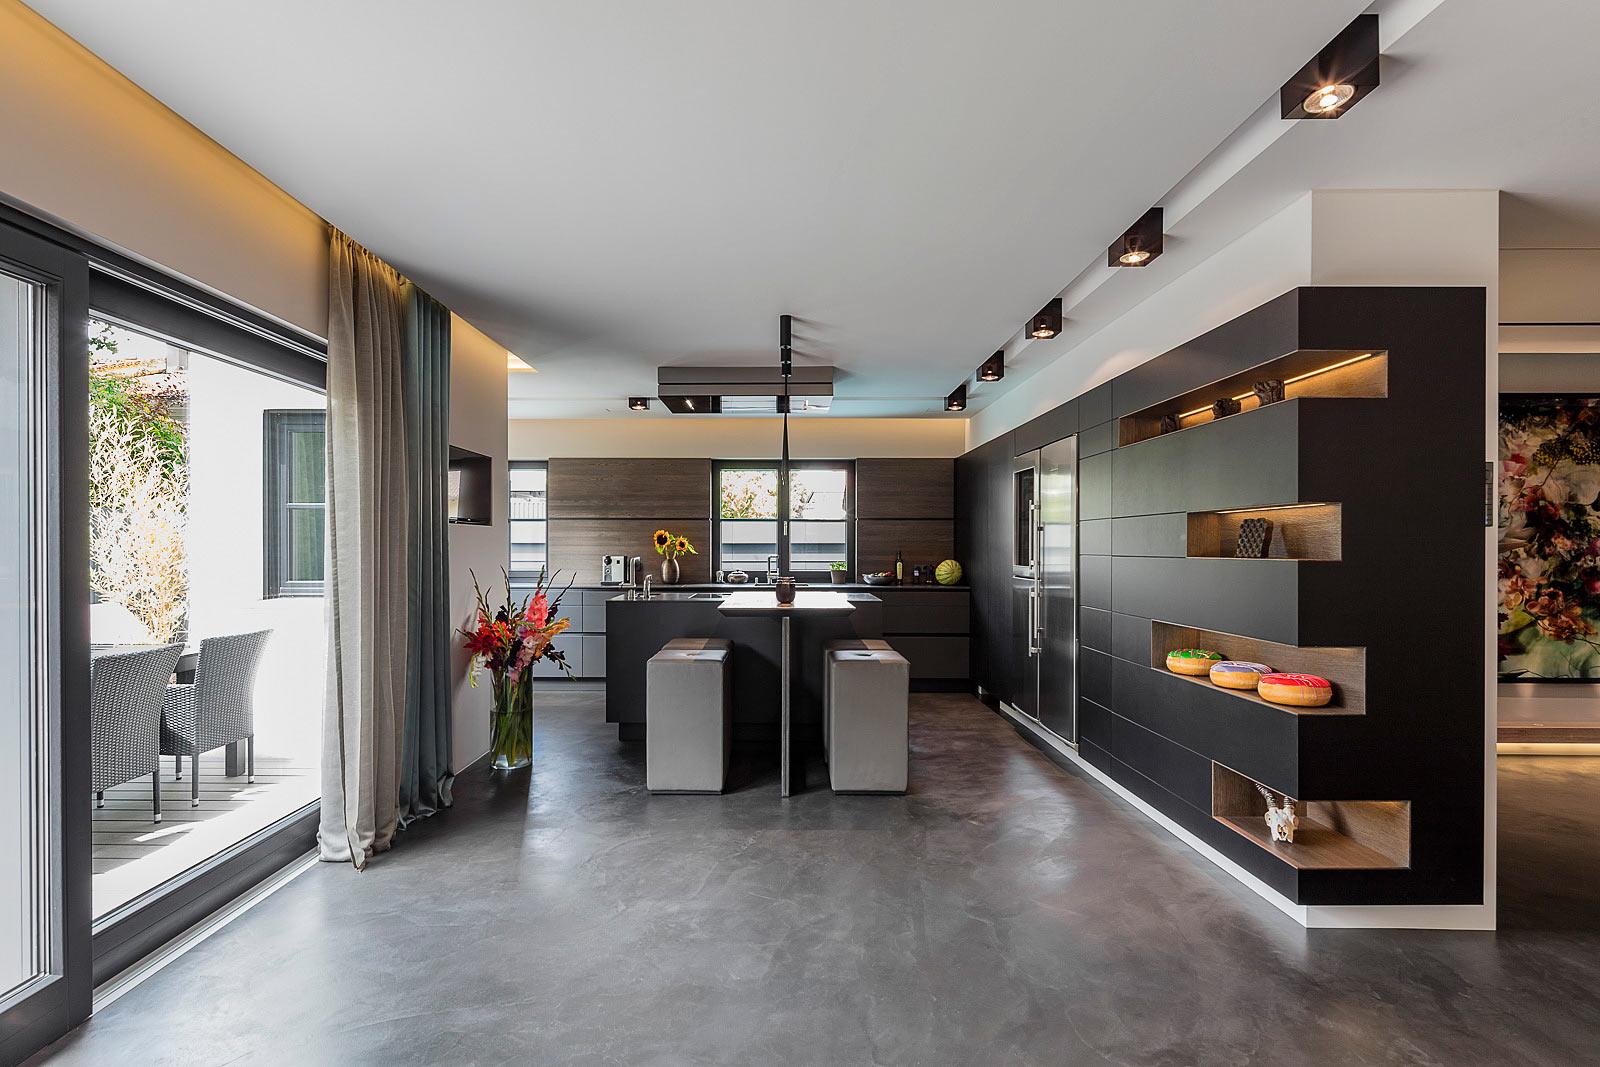 Attraktiv Architekturfotografie Innenraum, Interior, Küche Mit High Eating Berreich,